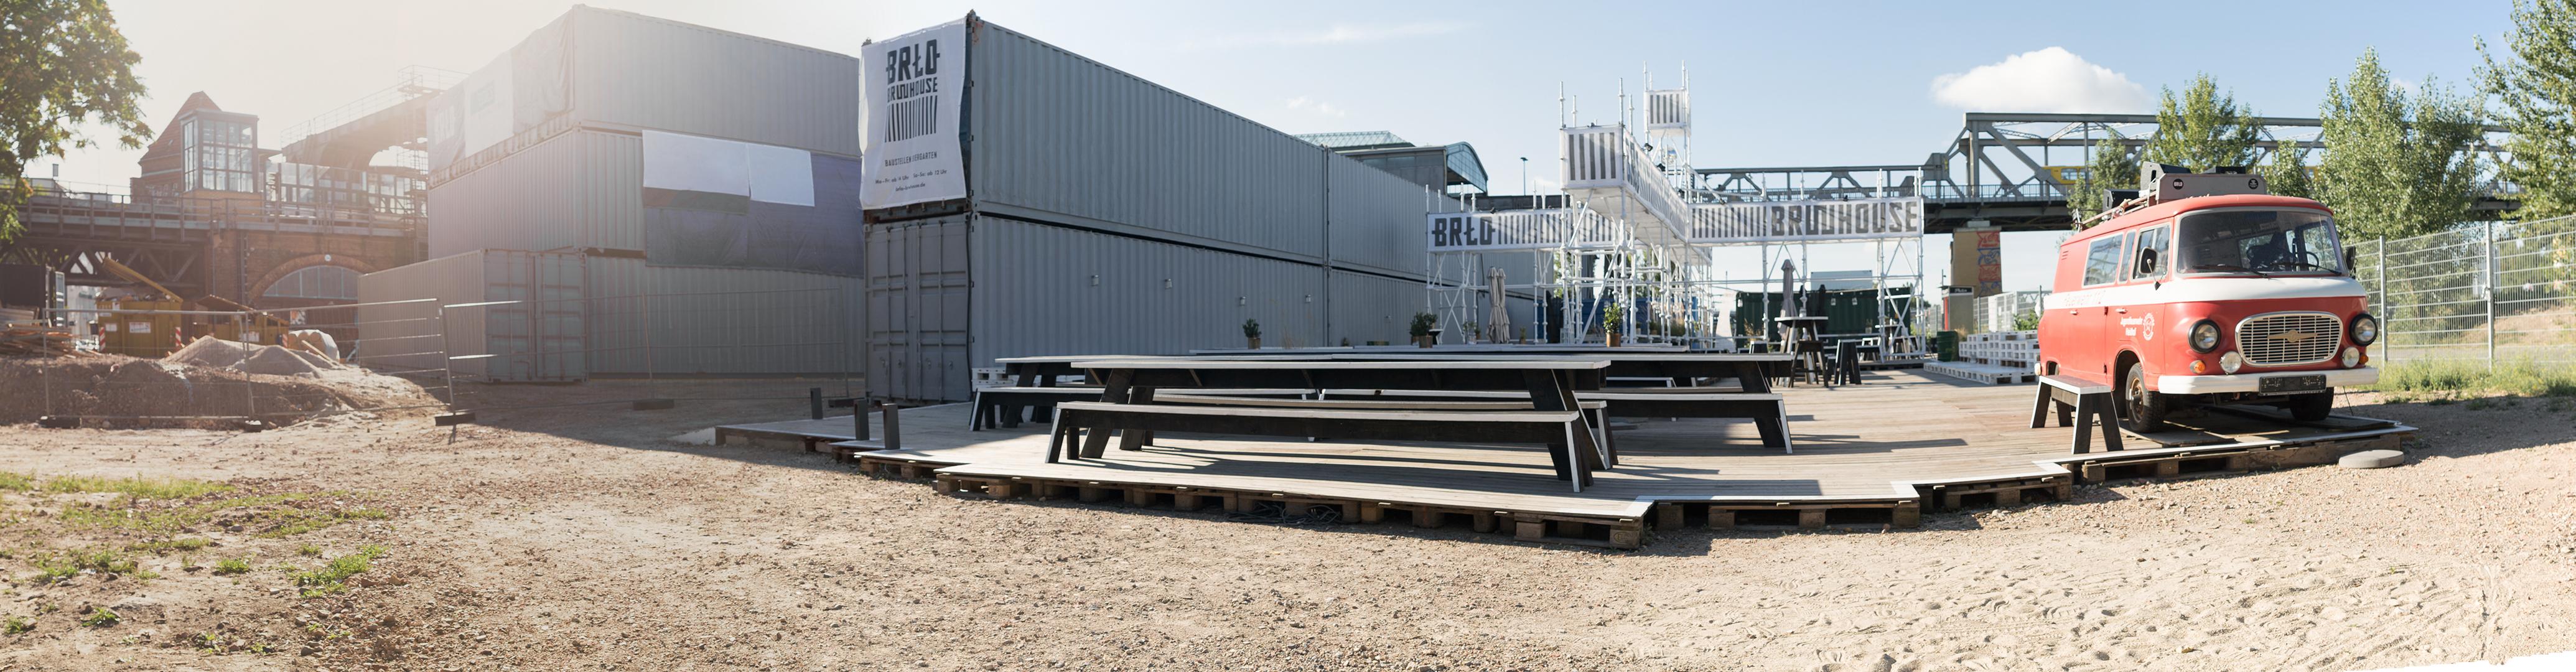 Bauunternehmen - FIDES Gruppe